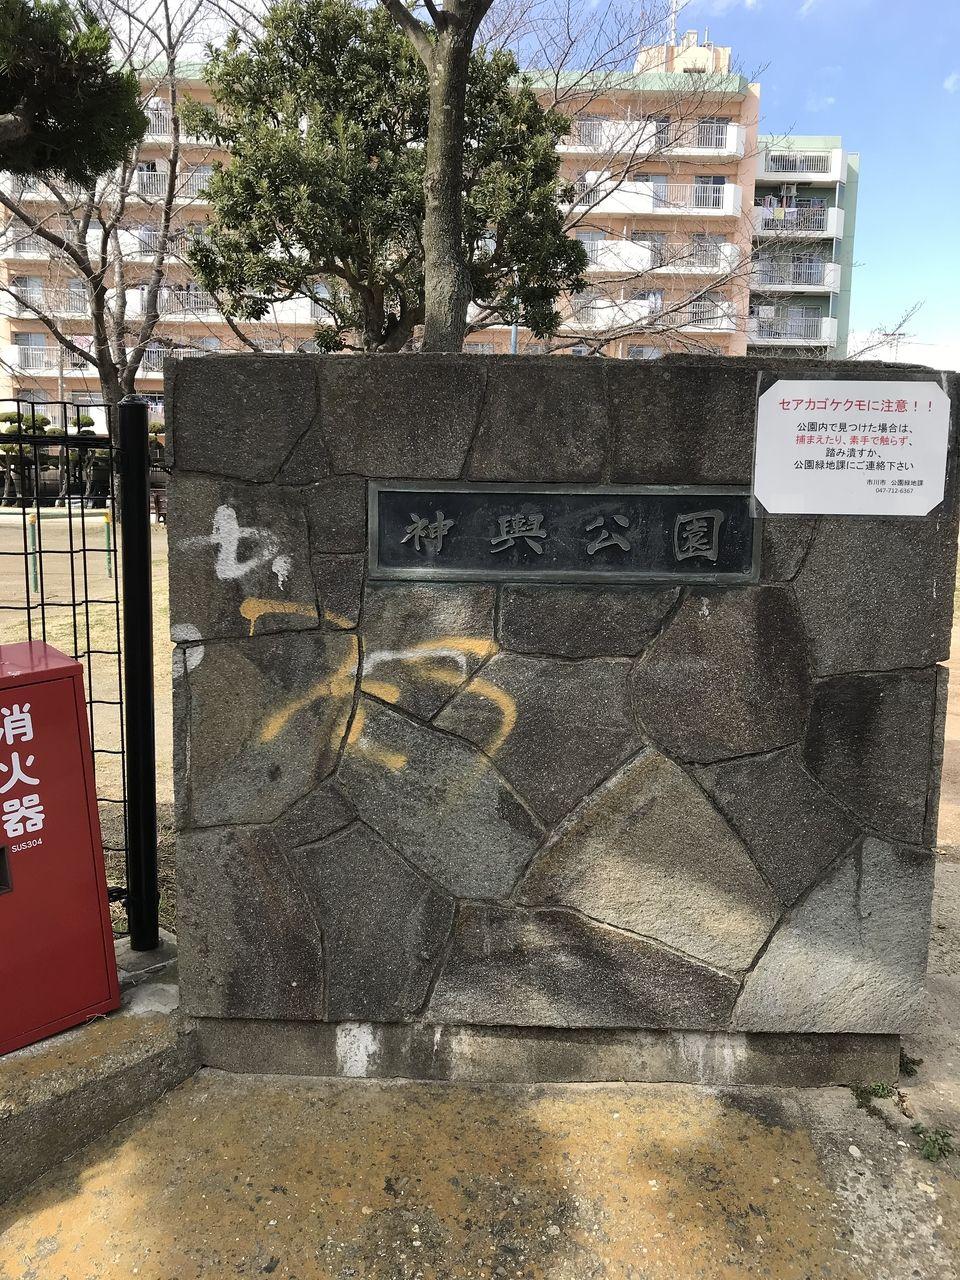 行徳の神輿公園の看板